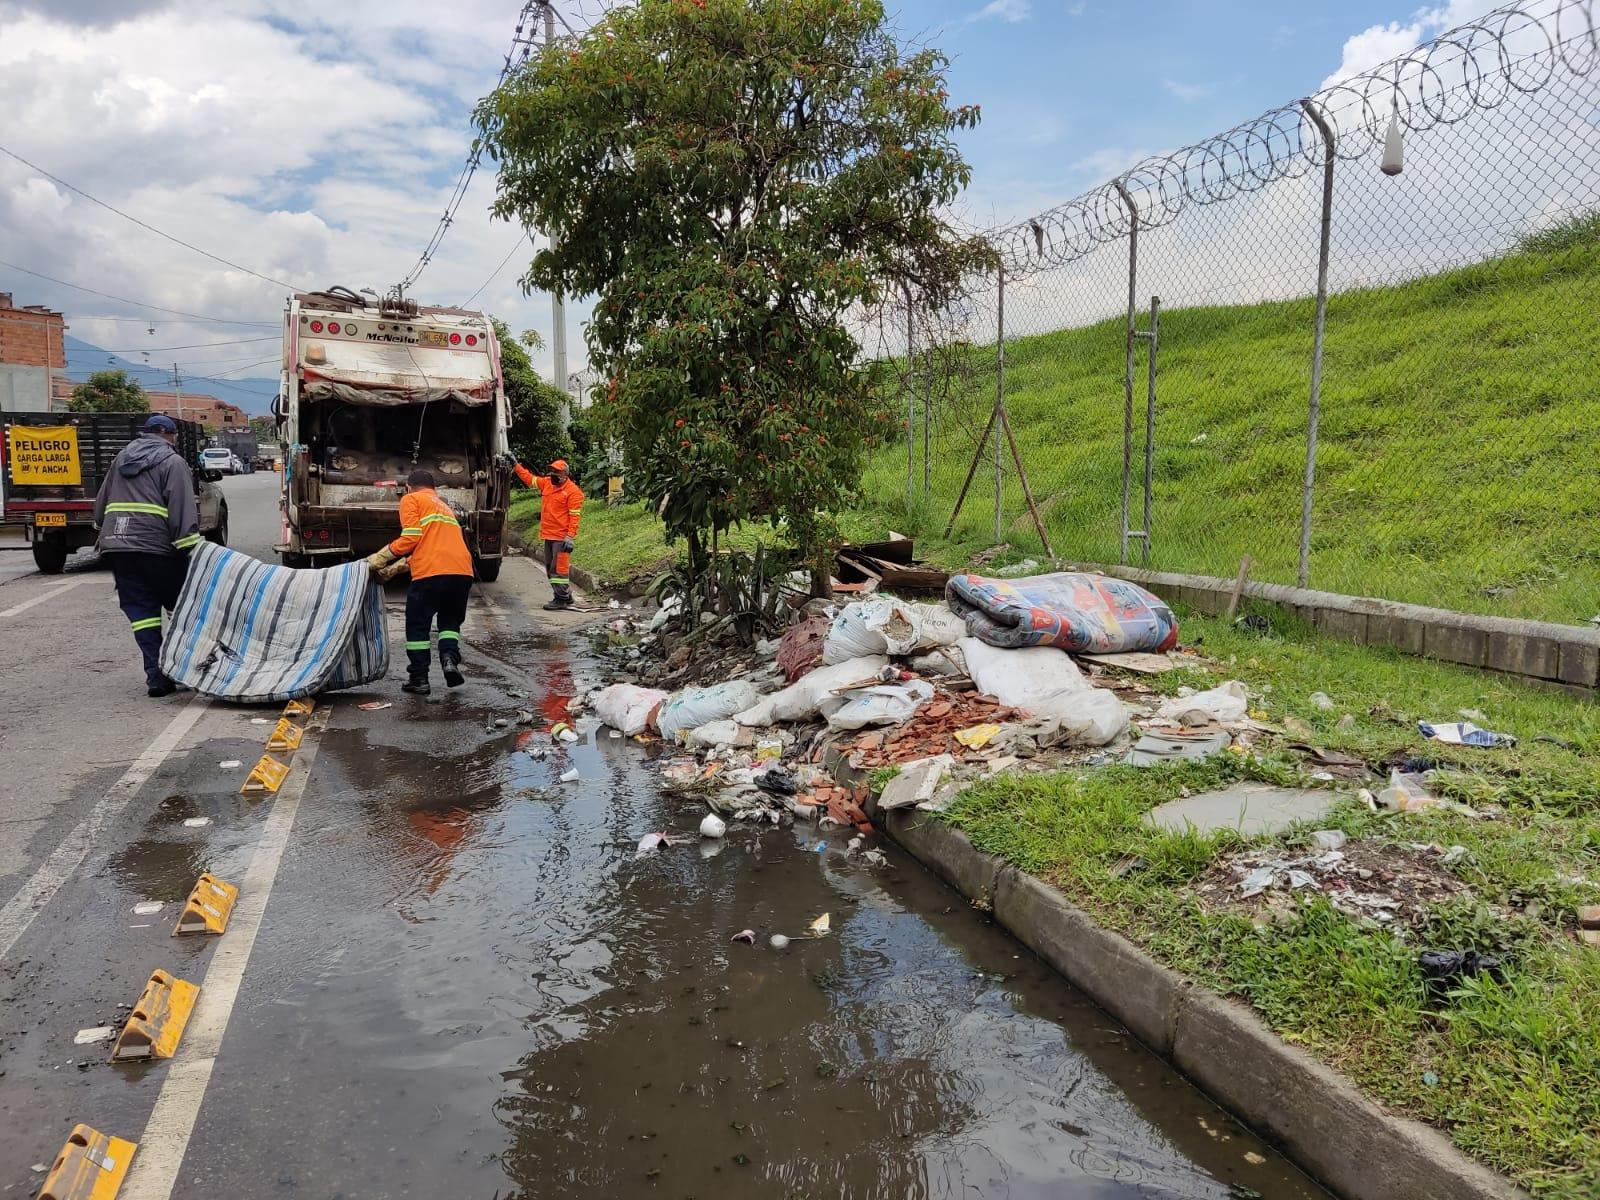 Huecos y escombros en la vía.